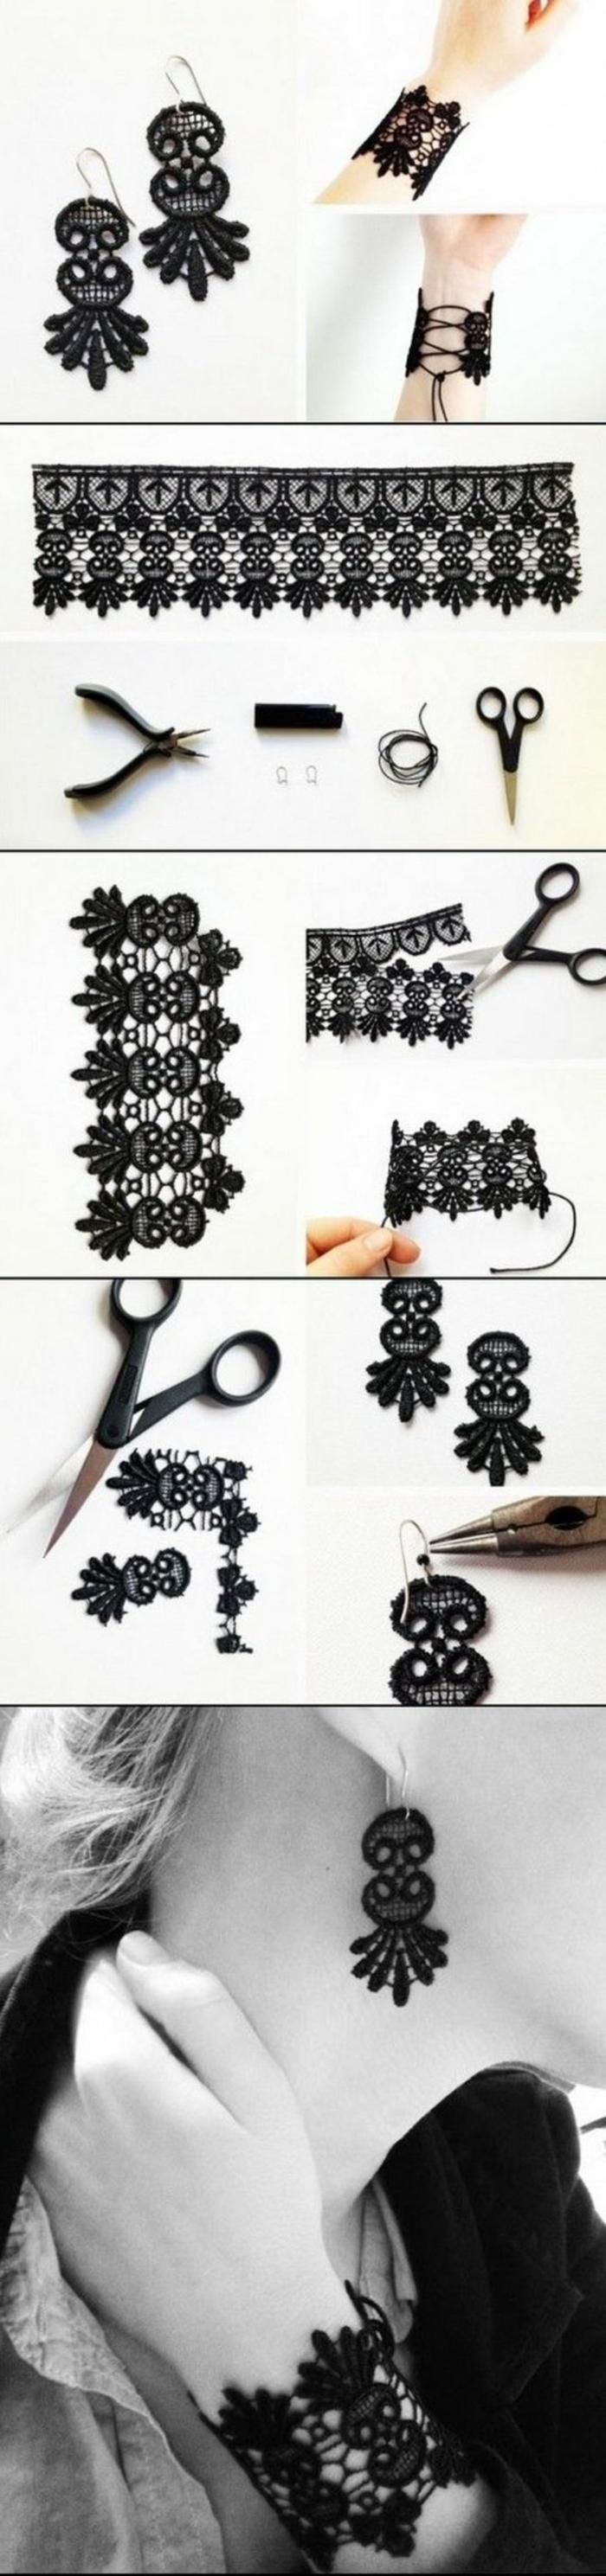 regalos-hechos-a-mano-pendientes-y-pulsera-de-encaje-negro-elegante-simple